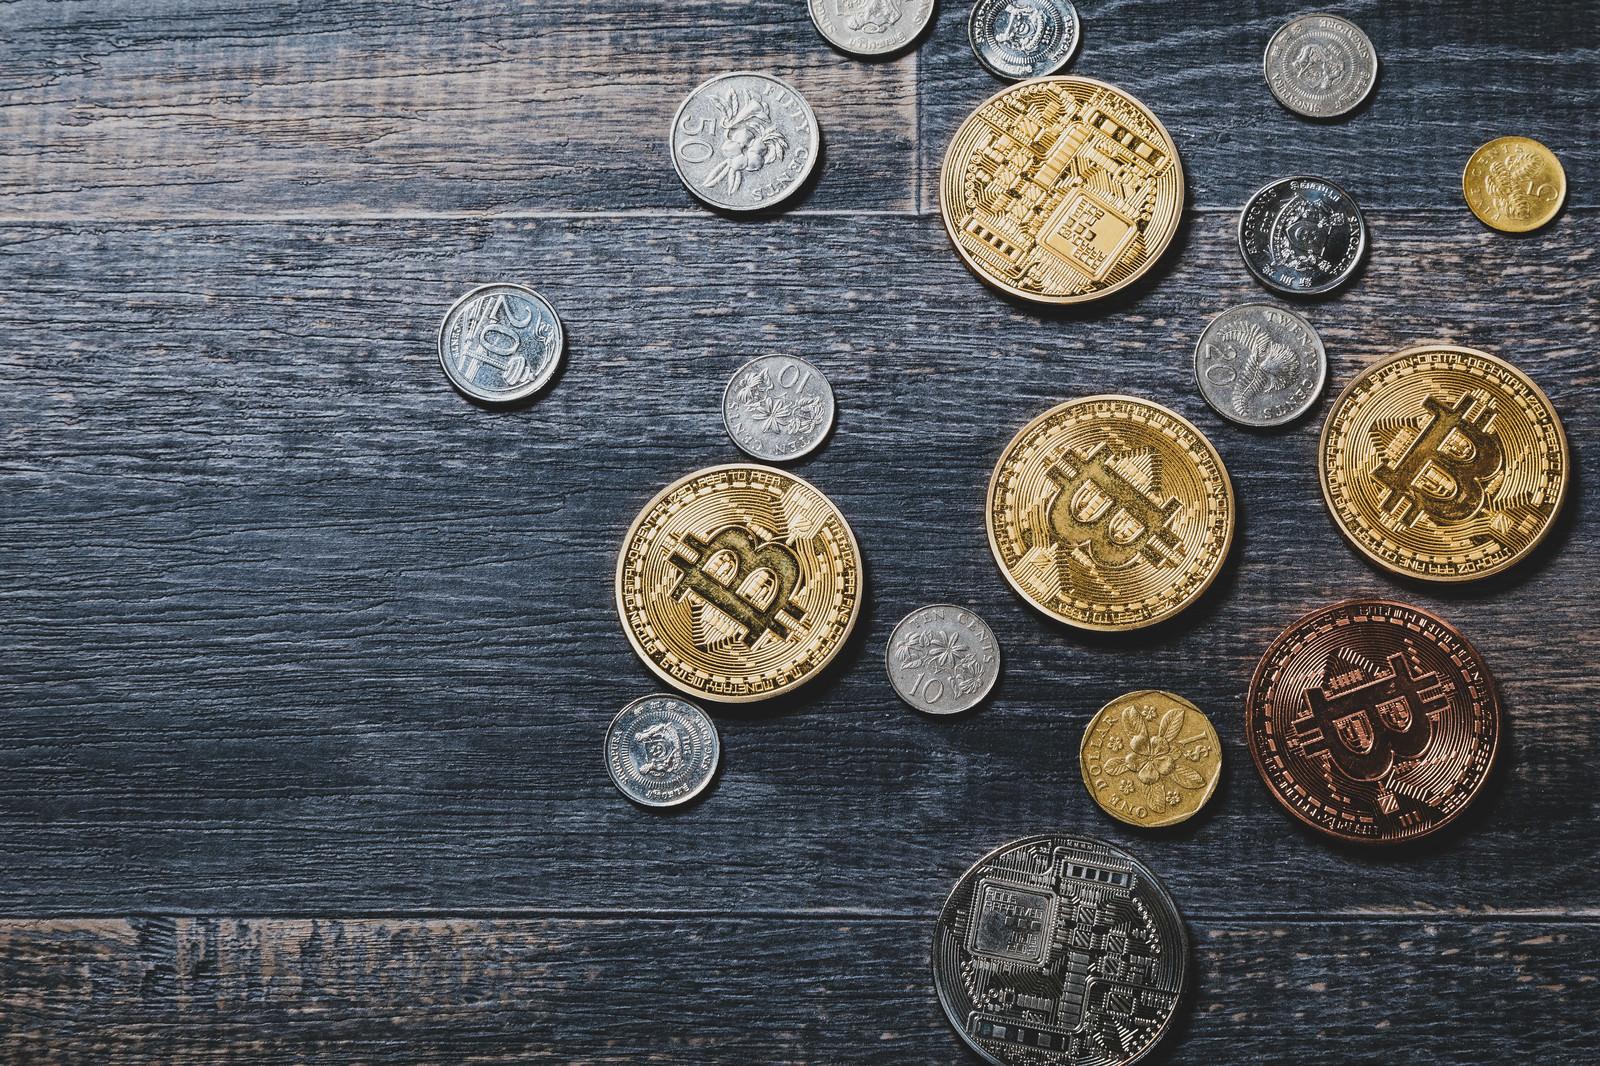 「ビットコインとシンガポールのコイン」の写真